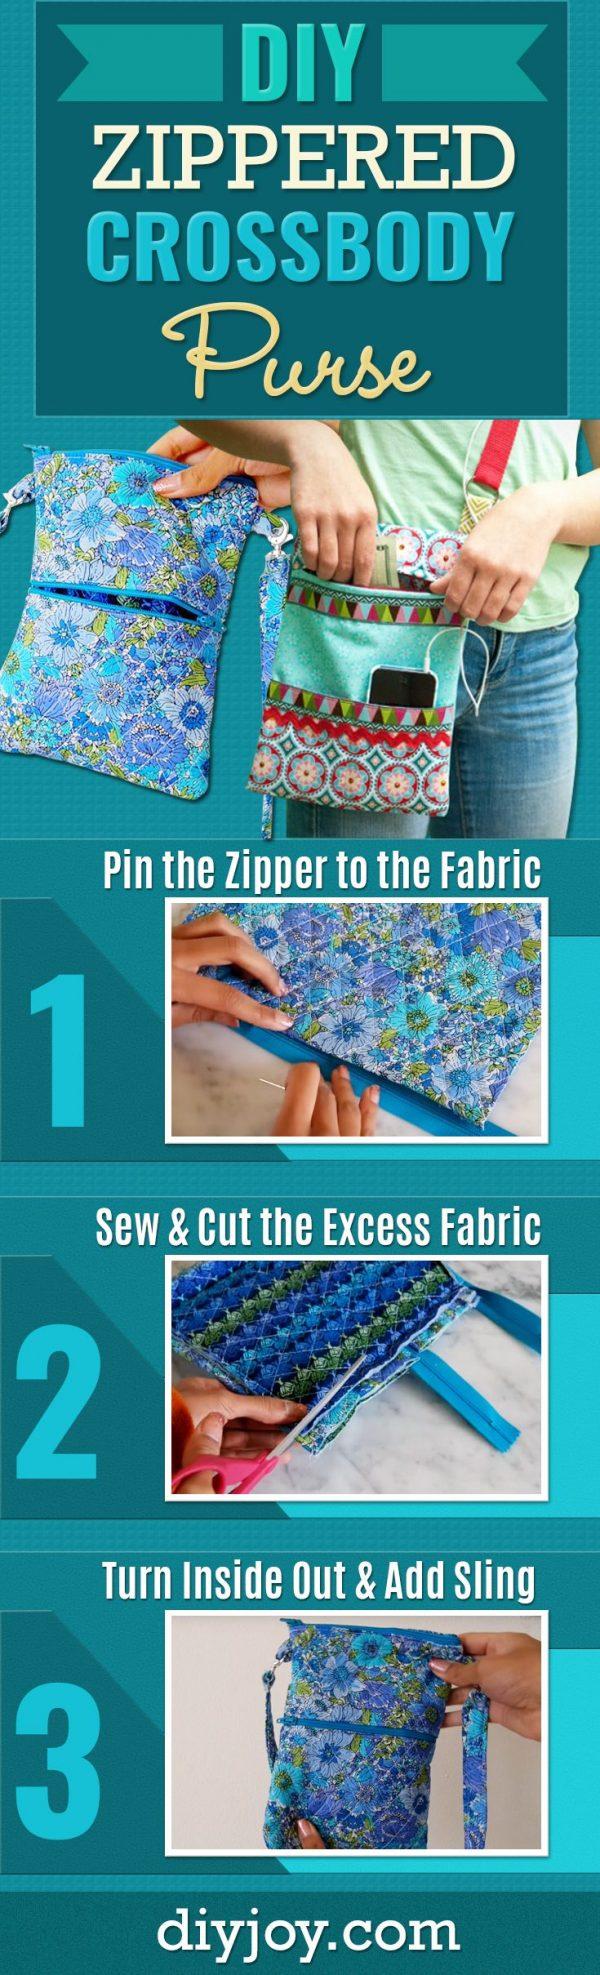 How to Make A Zippered Crossbody Bag